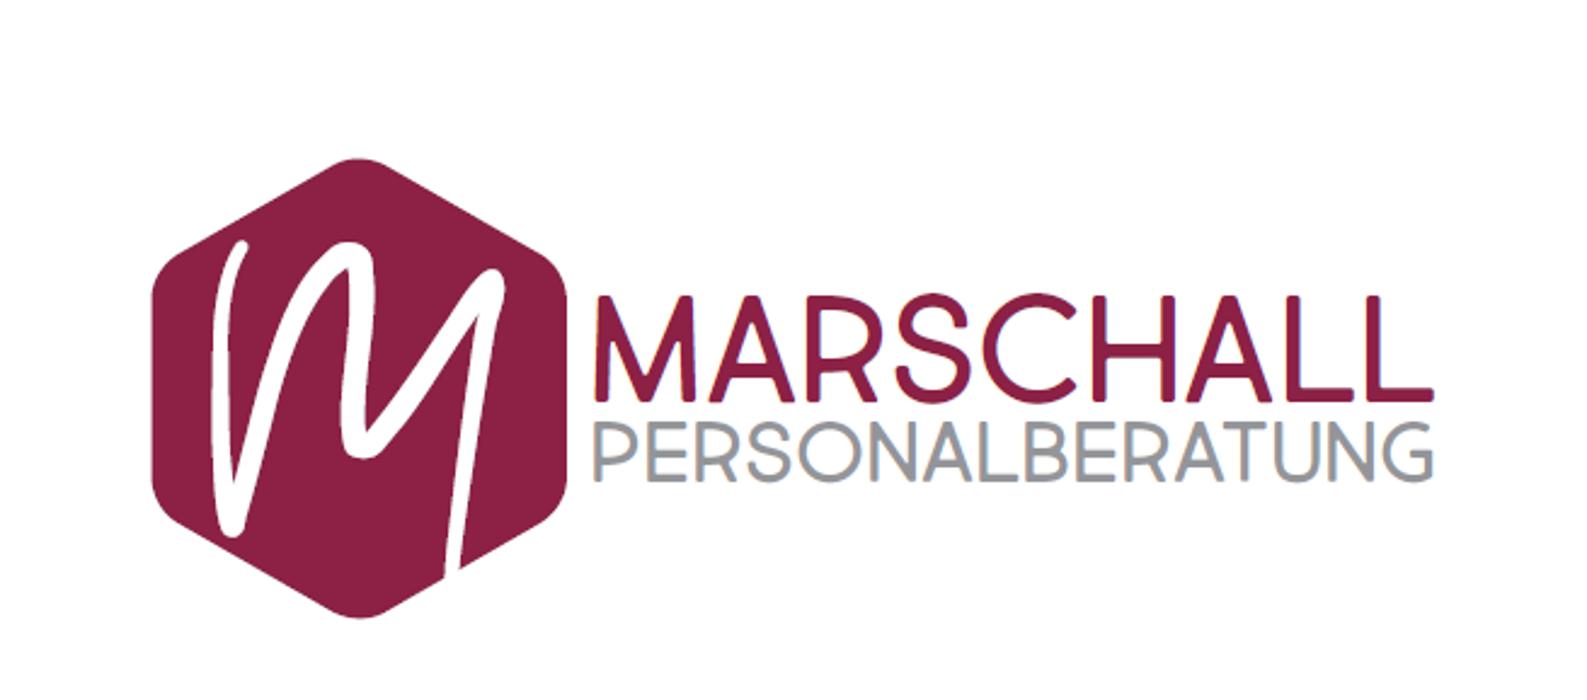 Bild zu Personalberatung Marschall in Bochum